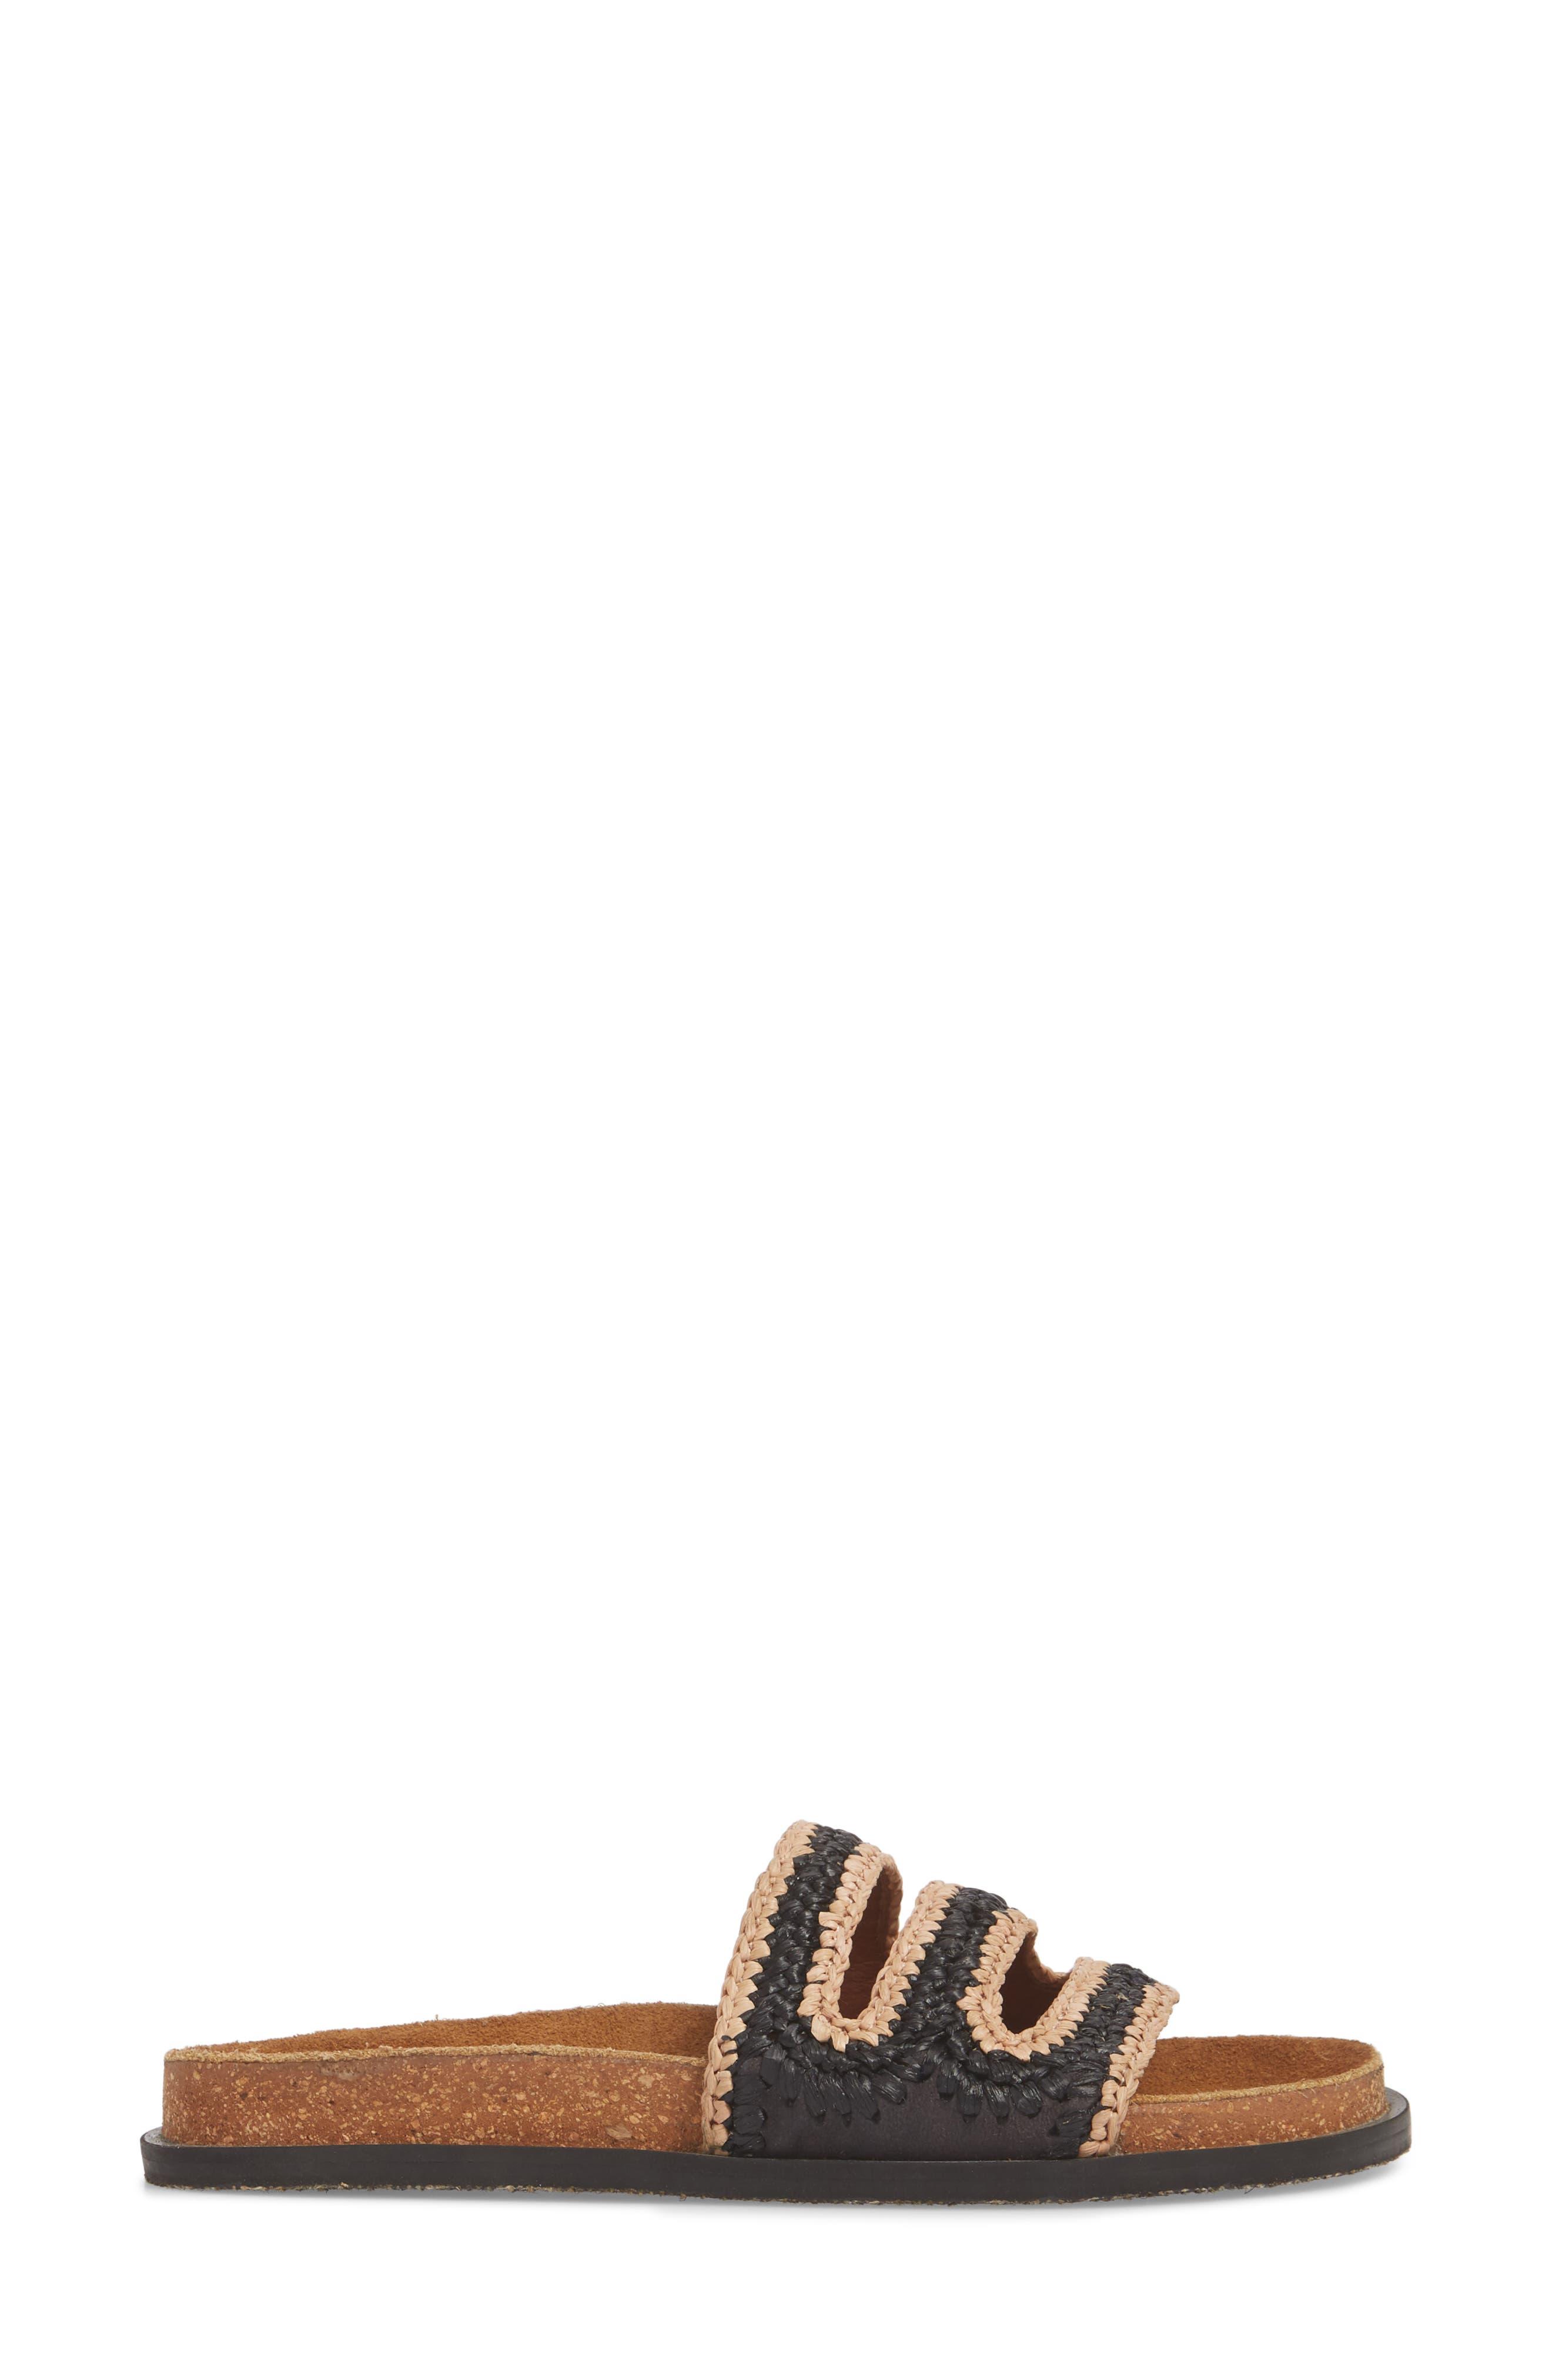 Crete Slide Sandal,                             Alternate thumbnail 5, color,